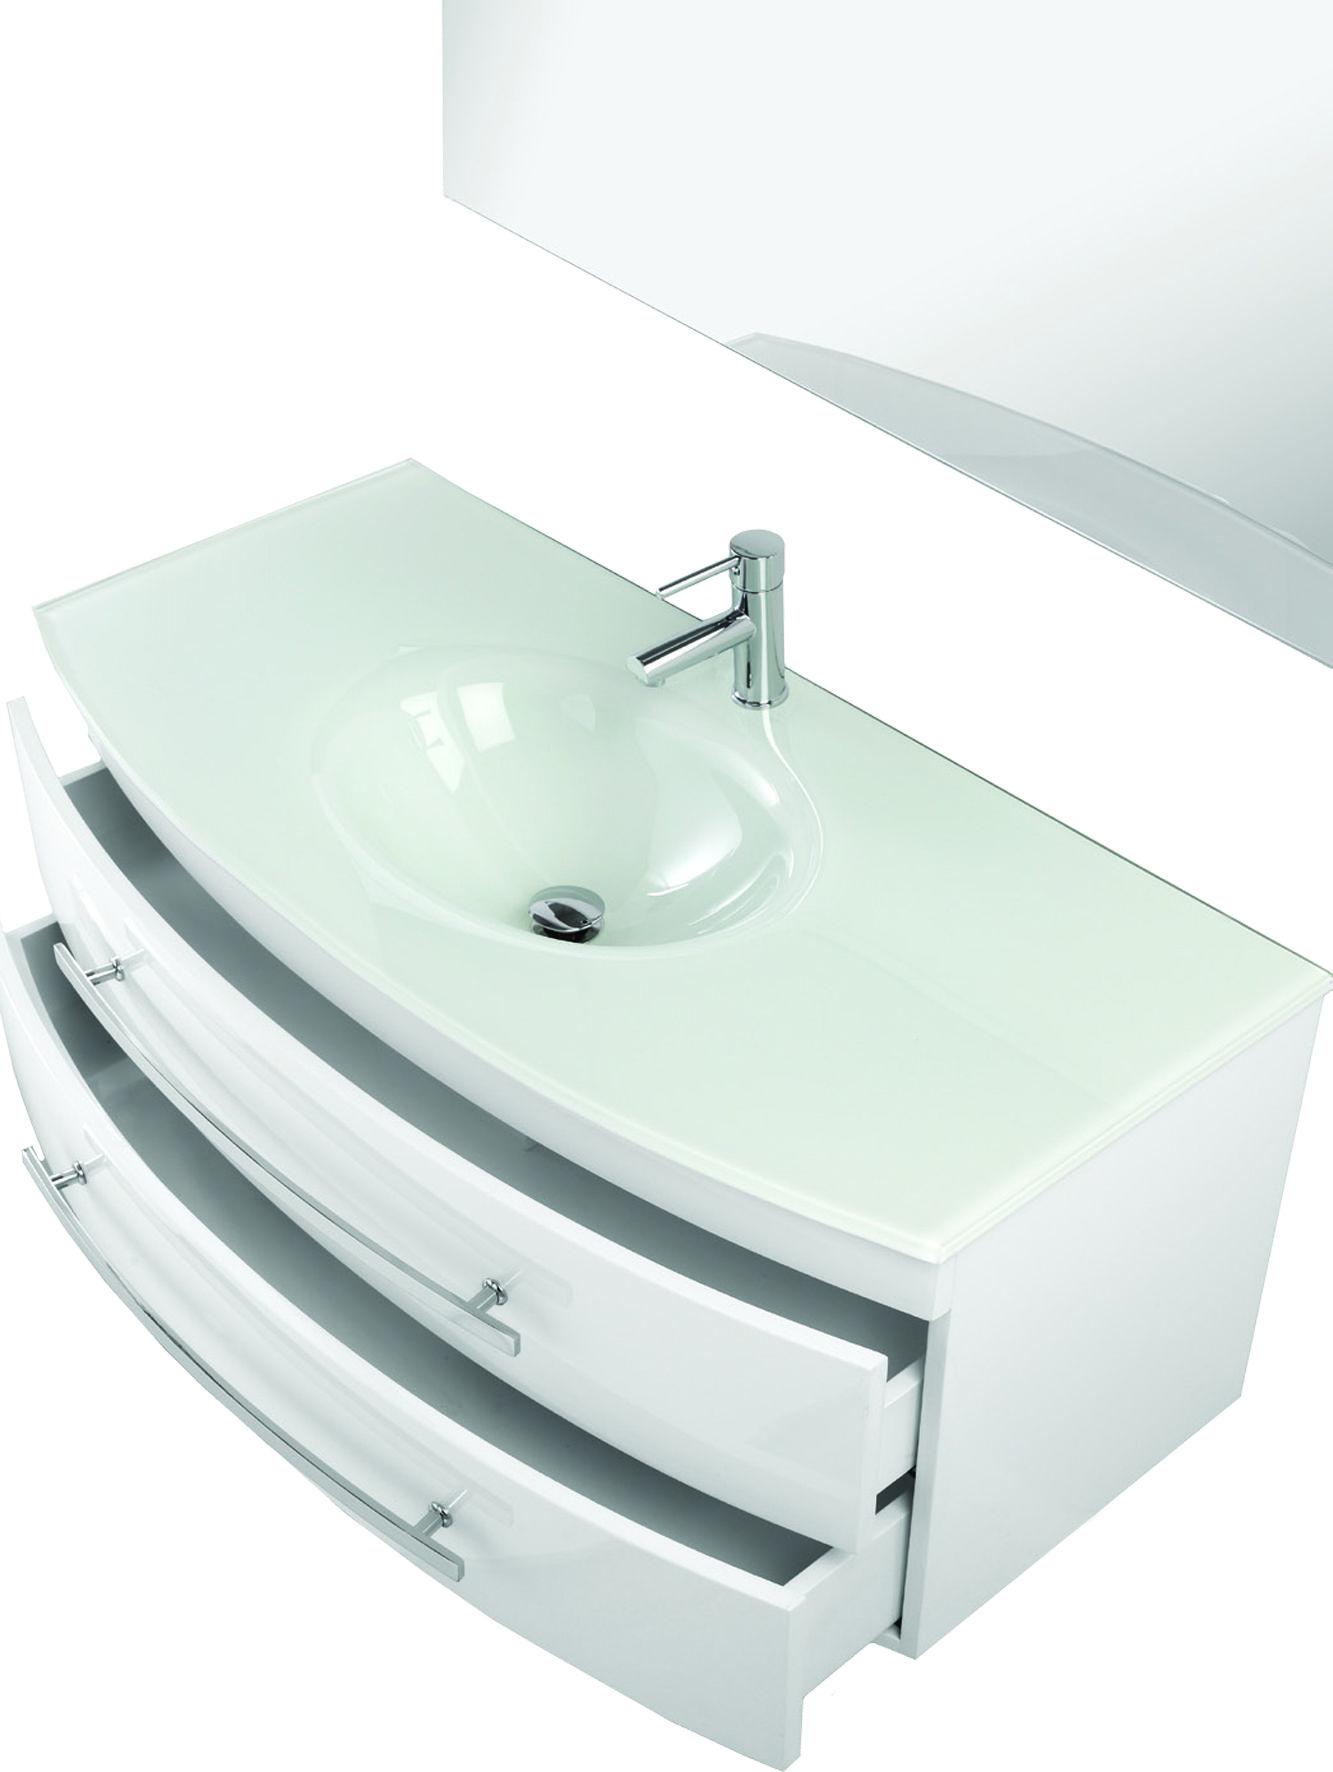 arredo bagno mobile pink cm in colori moderno sospeso con lavabo in cristallo with lavabo bagno vetro